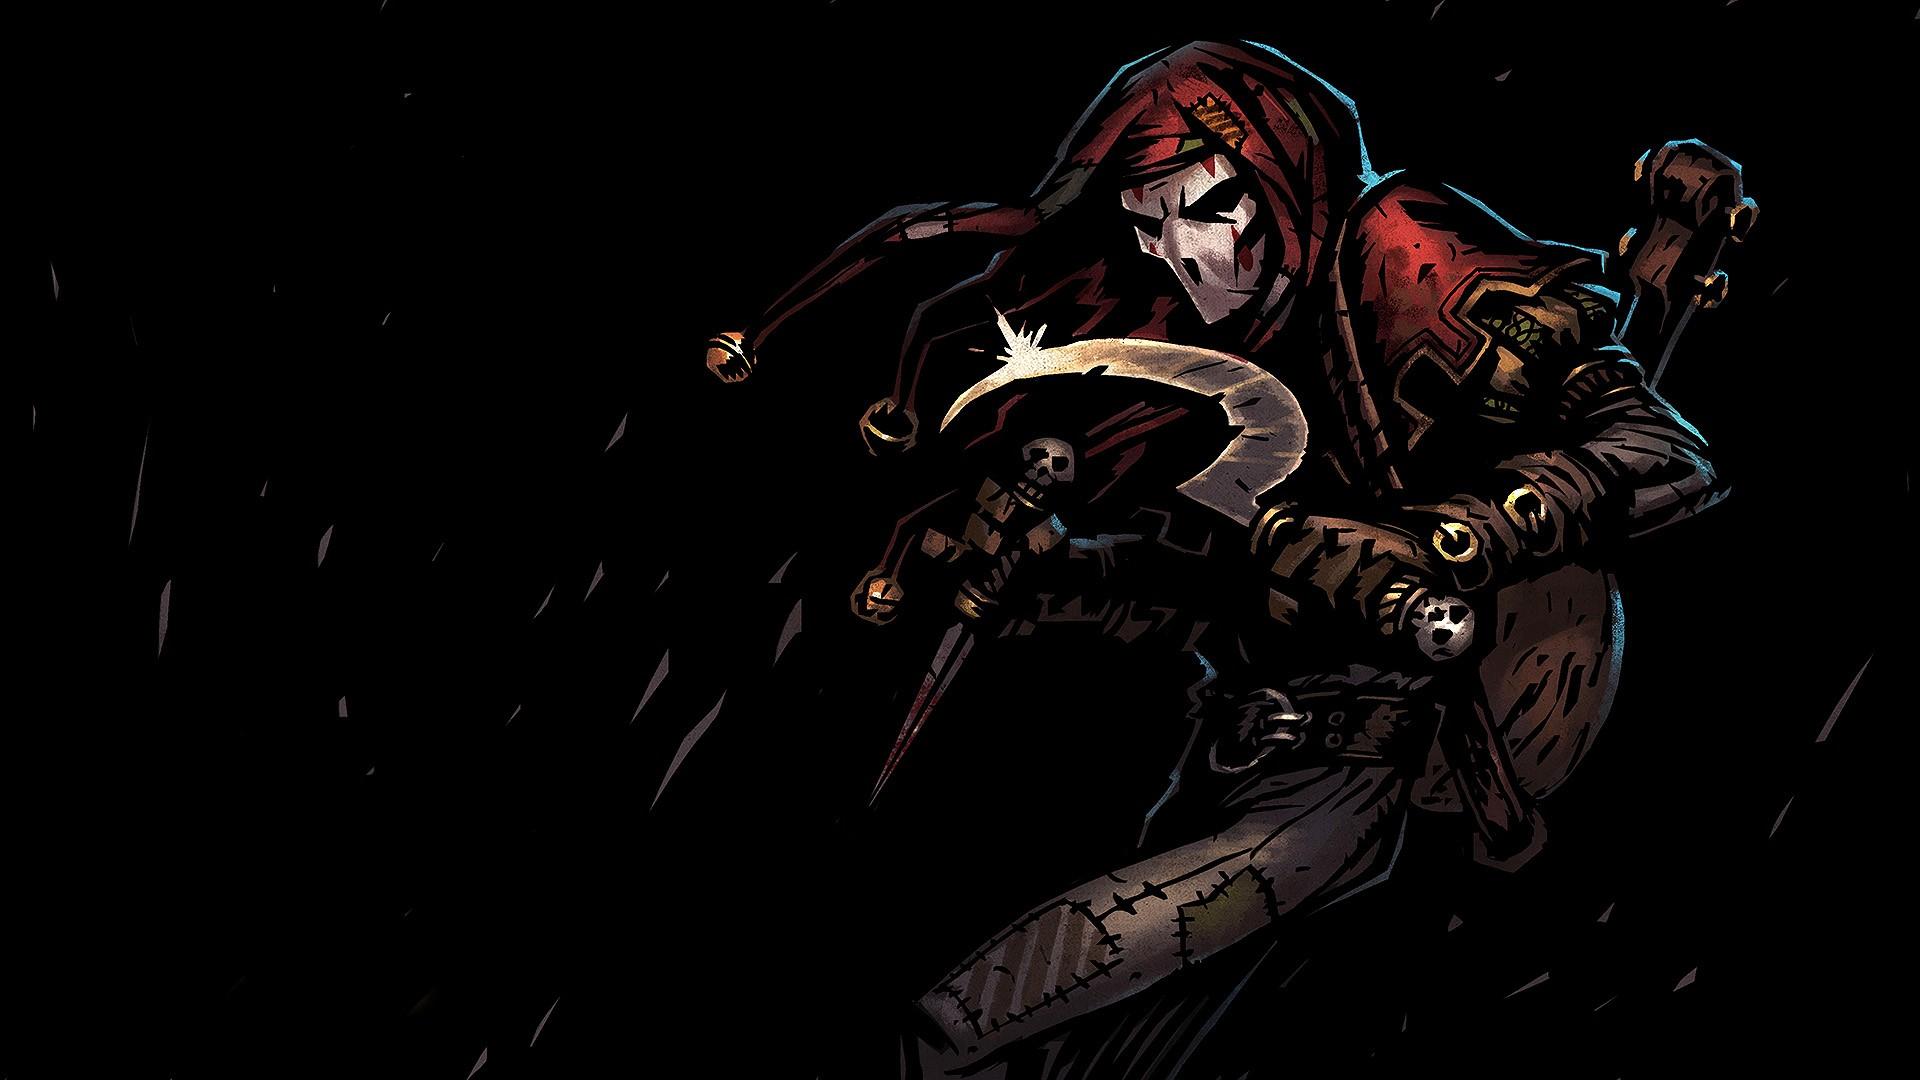 Wallpaper : video games, dark, Jester, Darkest Dungeon ...